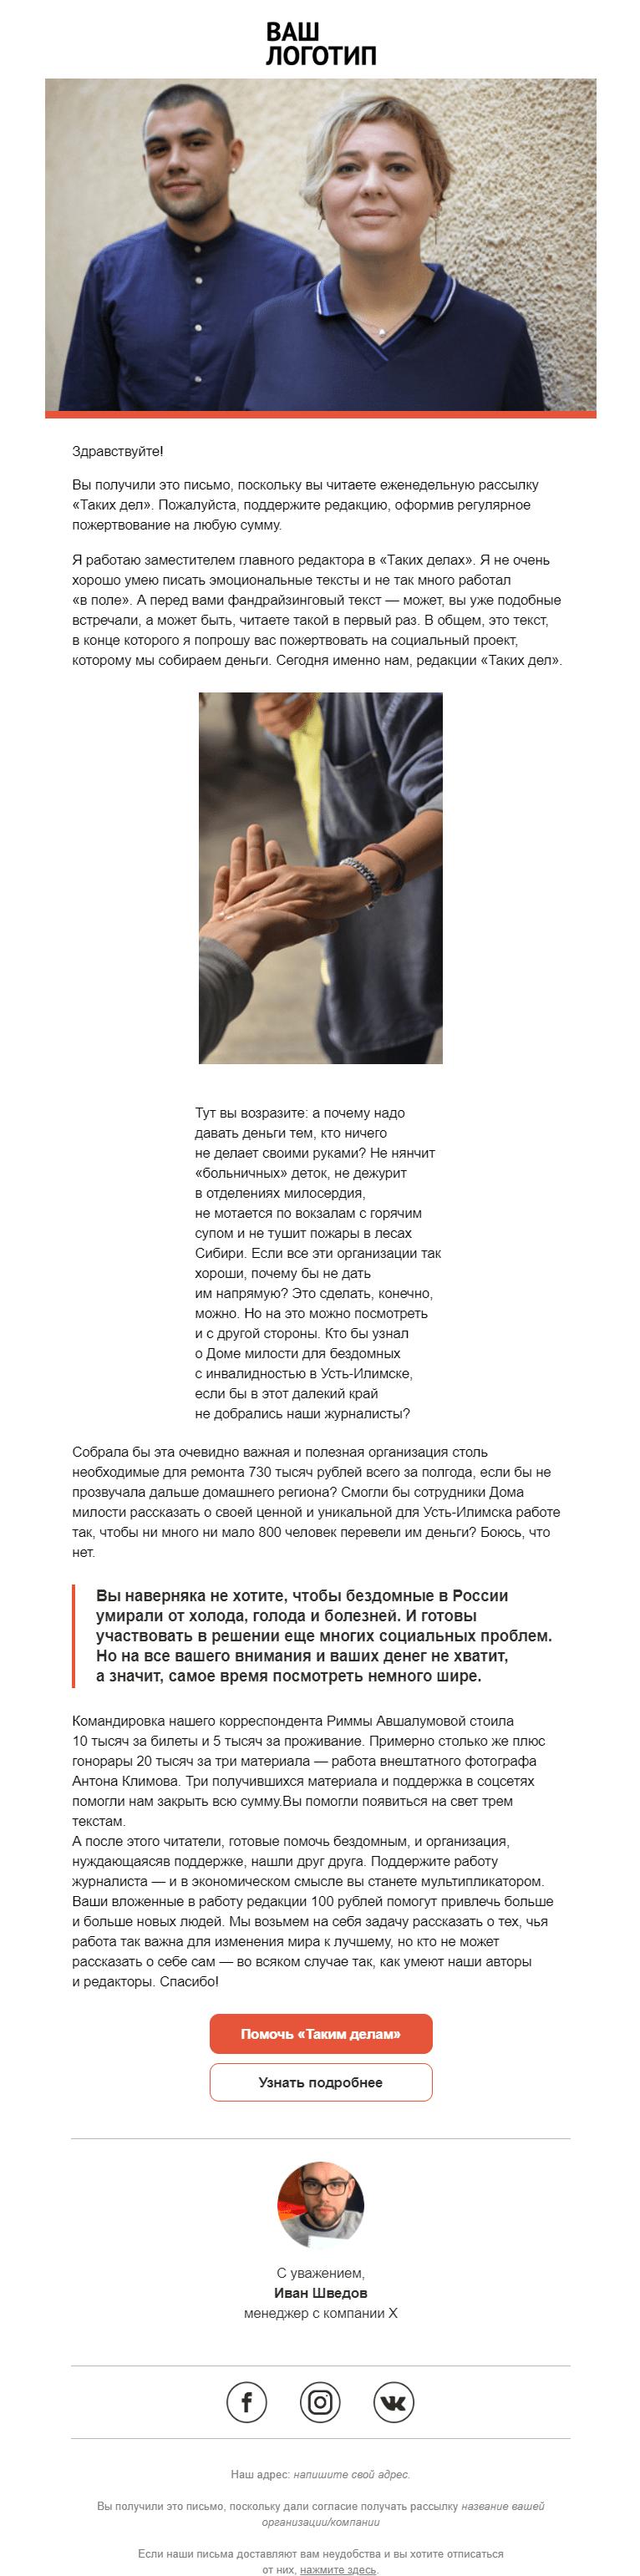 Письмо с просьбой пожертвовать денег